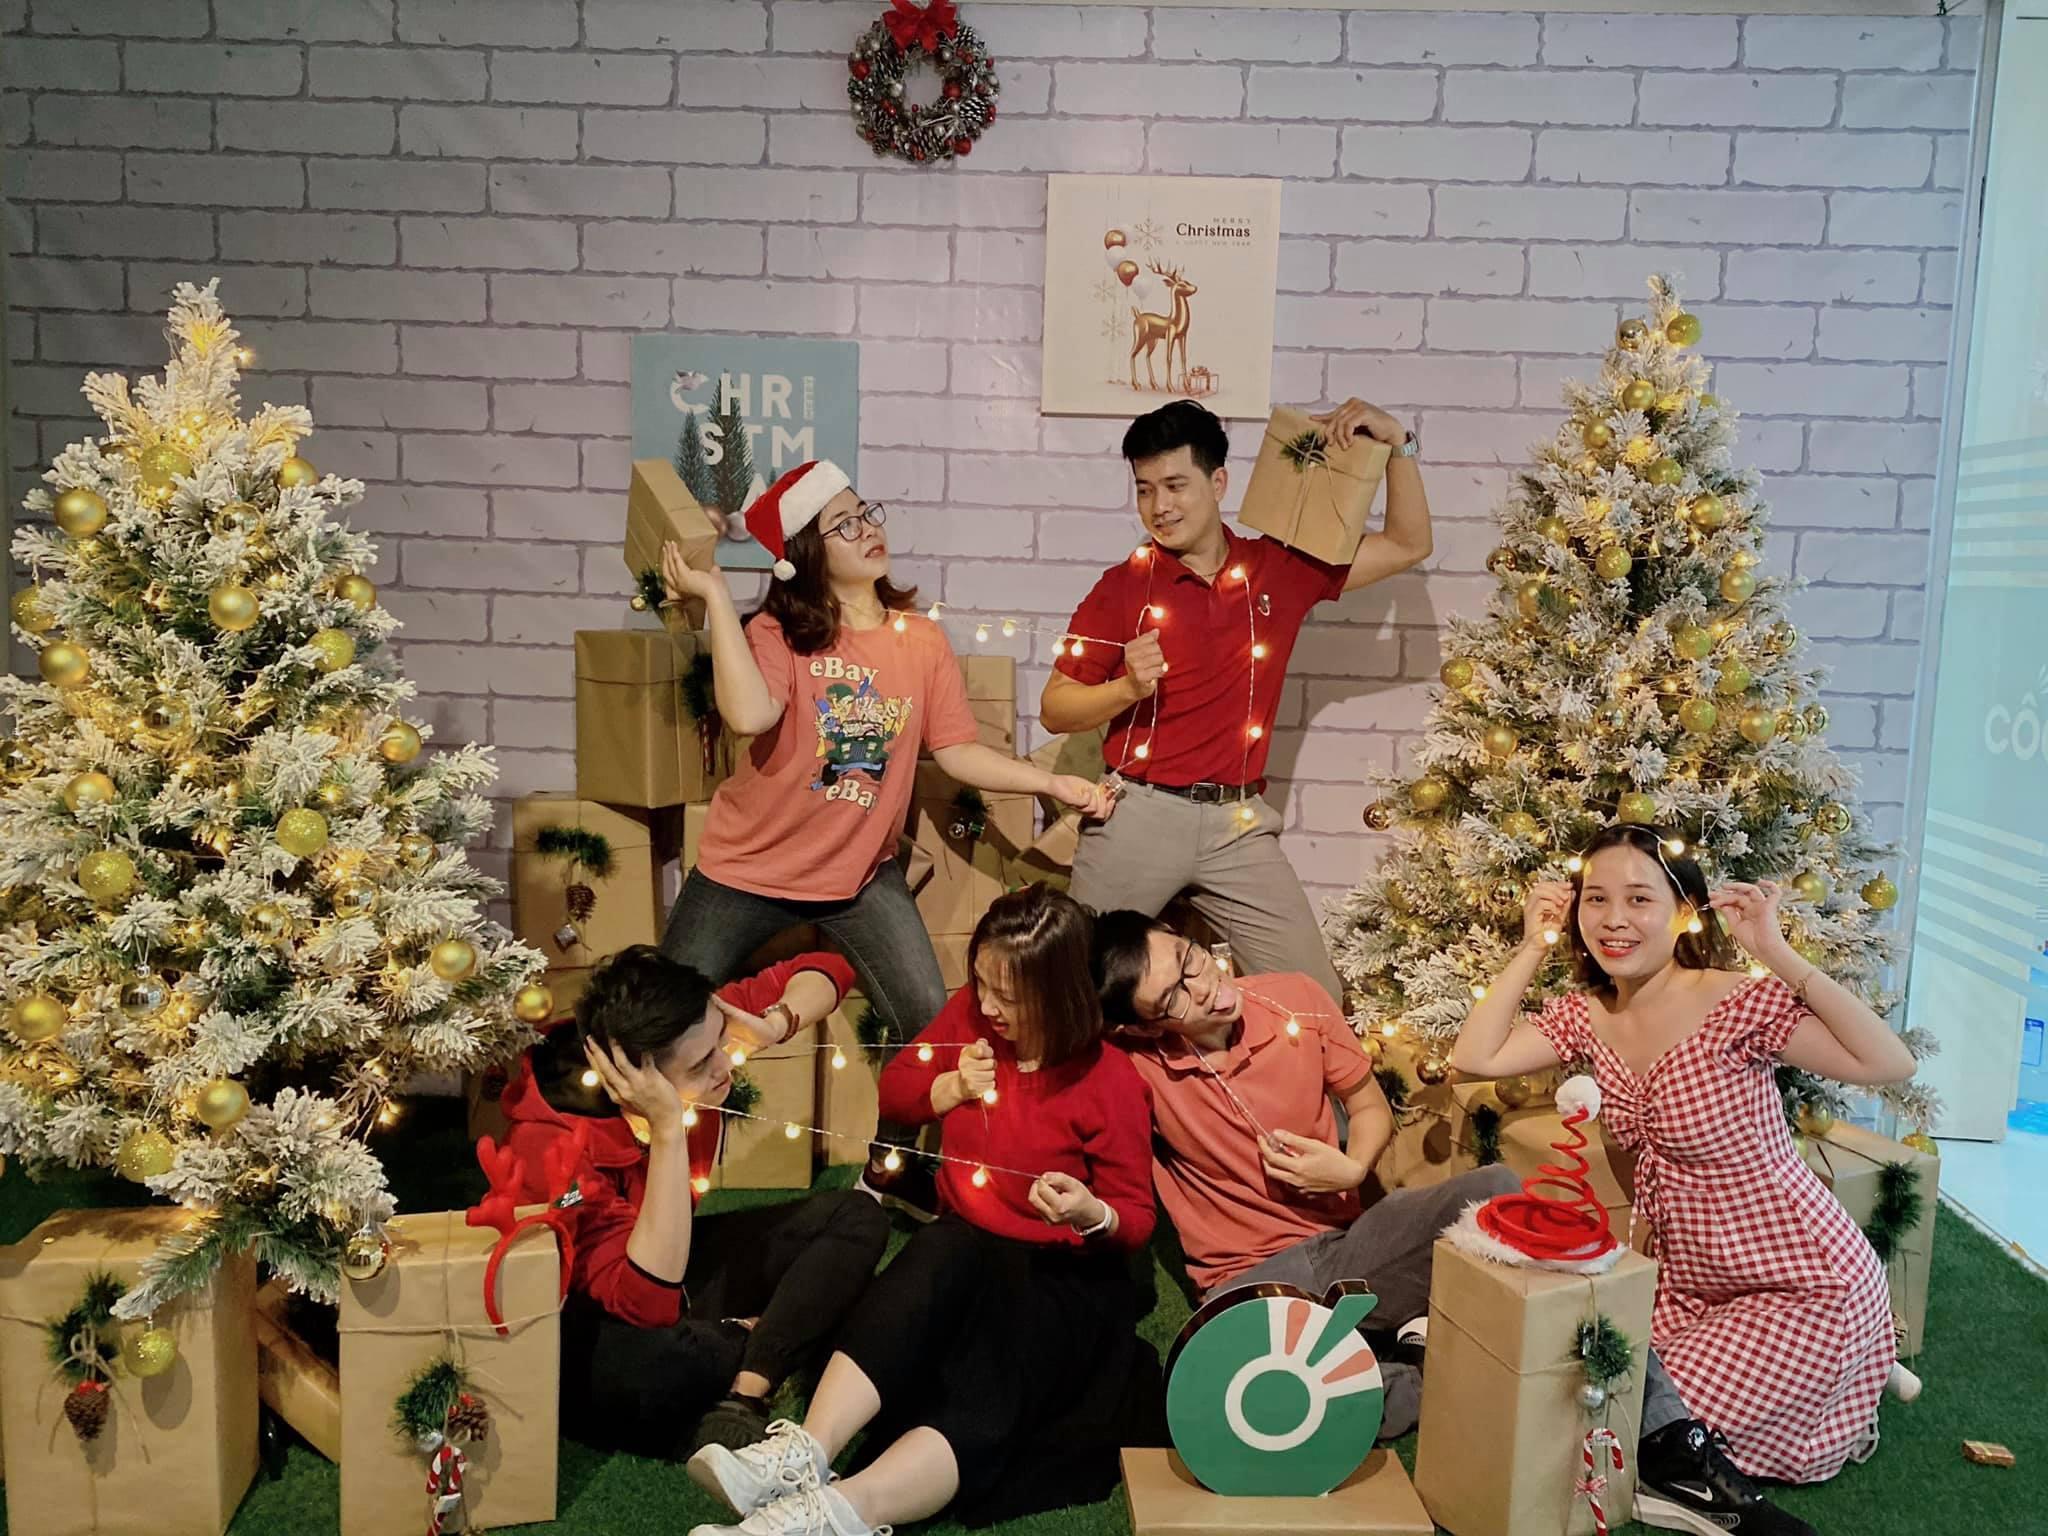 """Phong cách chụp ảnh Giáng sinh siêu ngầu của """"hội bạn nhà người ta"""""""